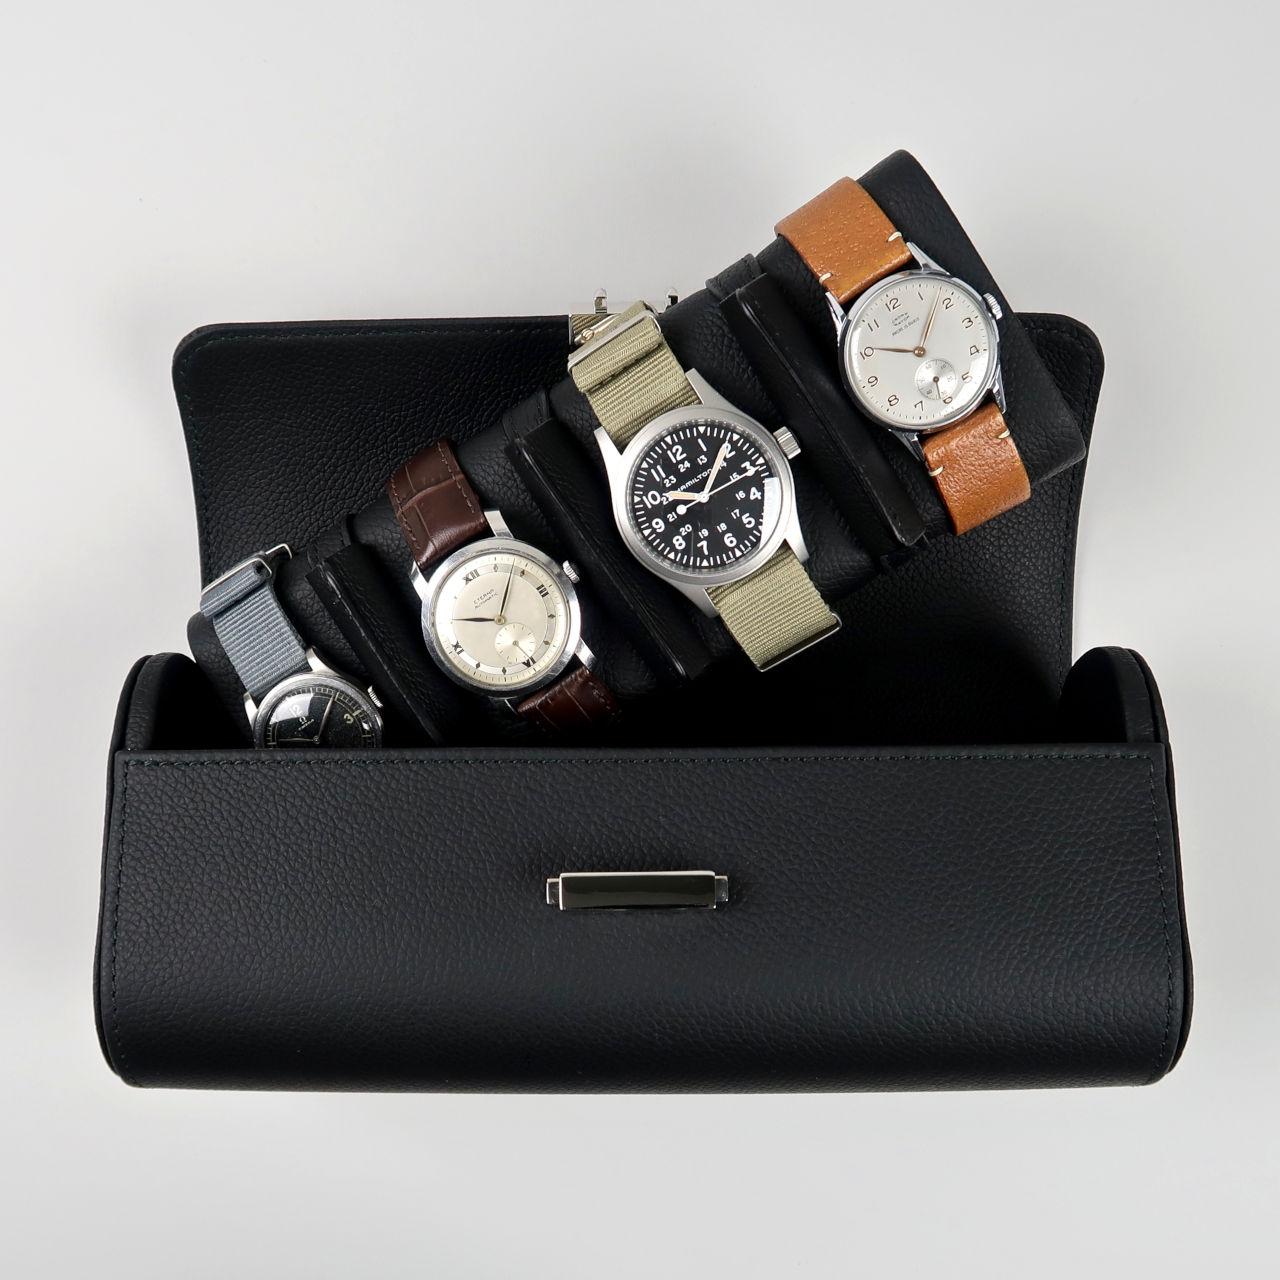 Scatola del Tempo Pochette | leather travel case for 4 watches